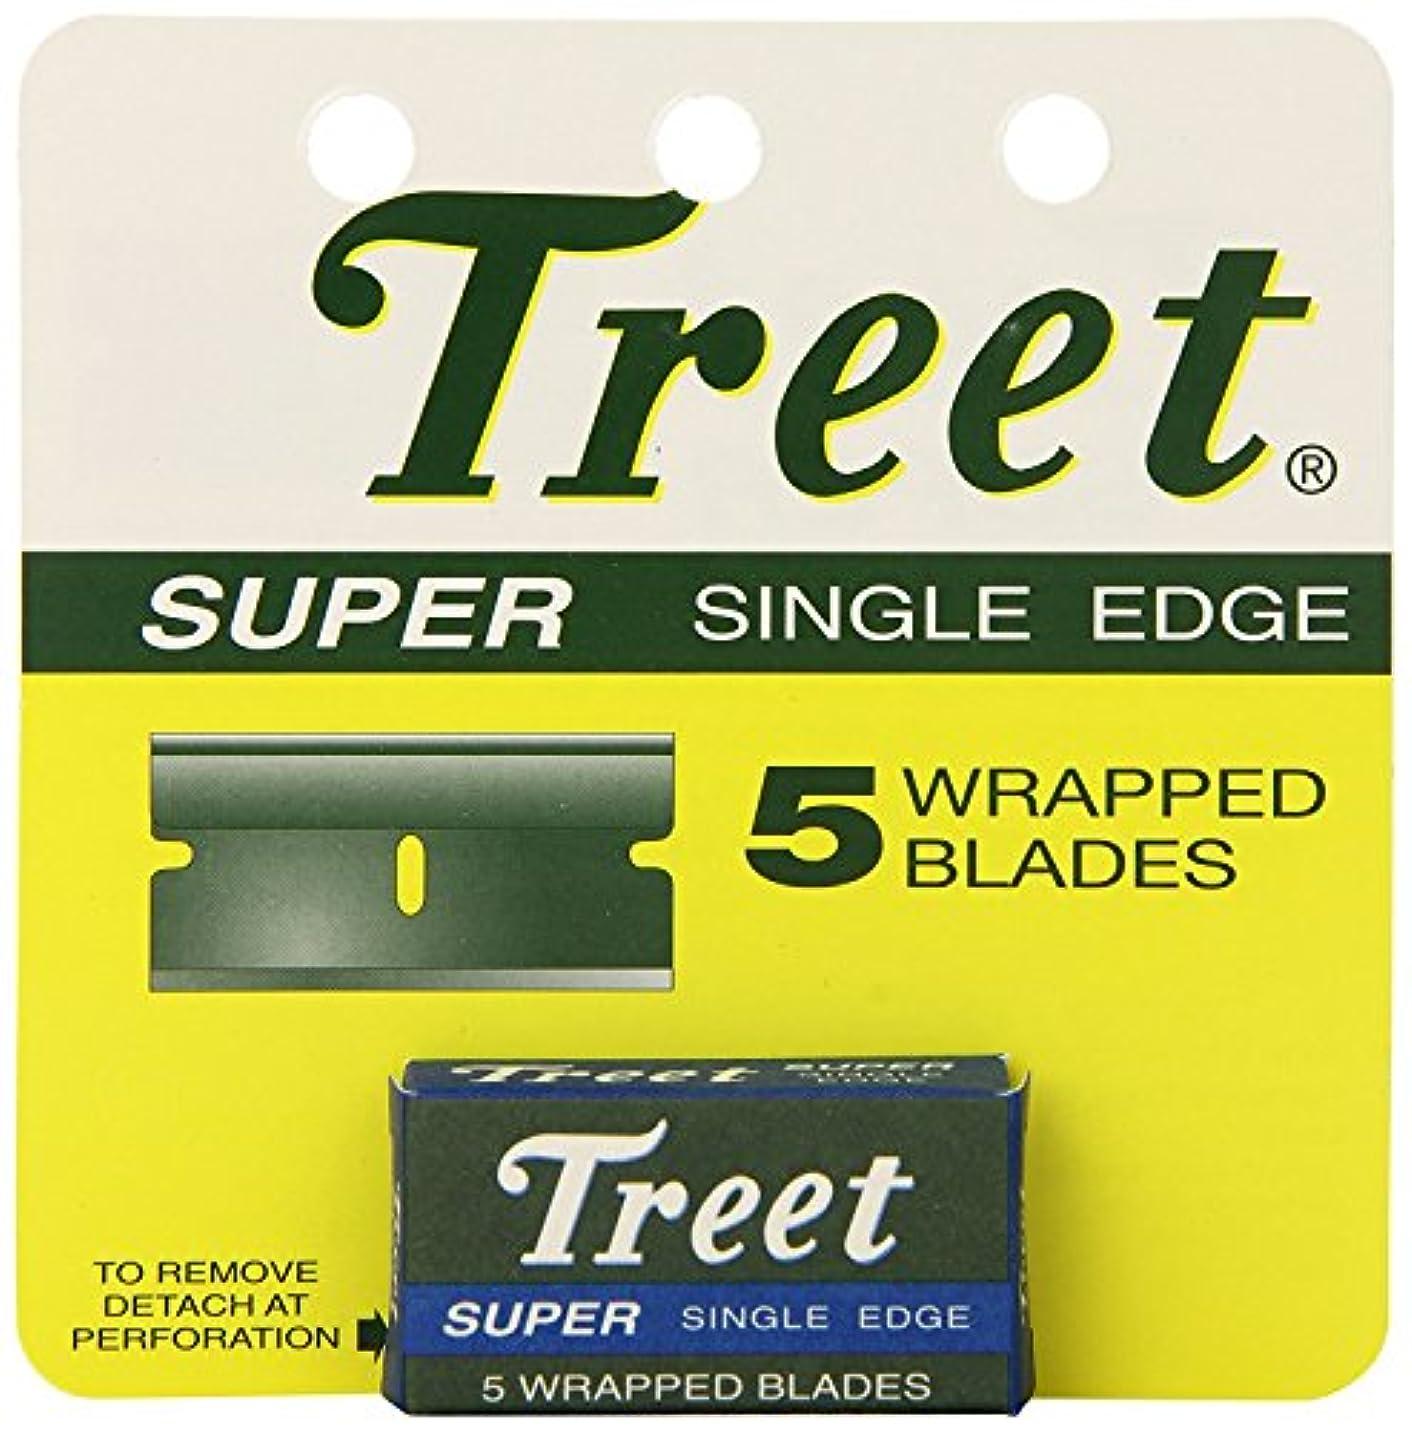 Treet スーパー シングル ブレード 替刃 5枚入り [並行輸入品]